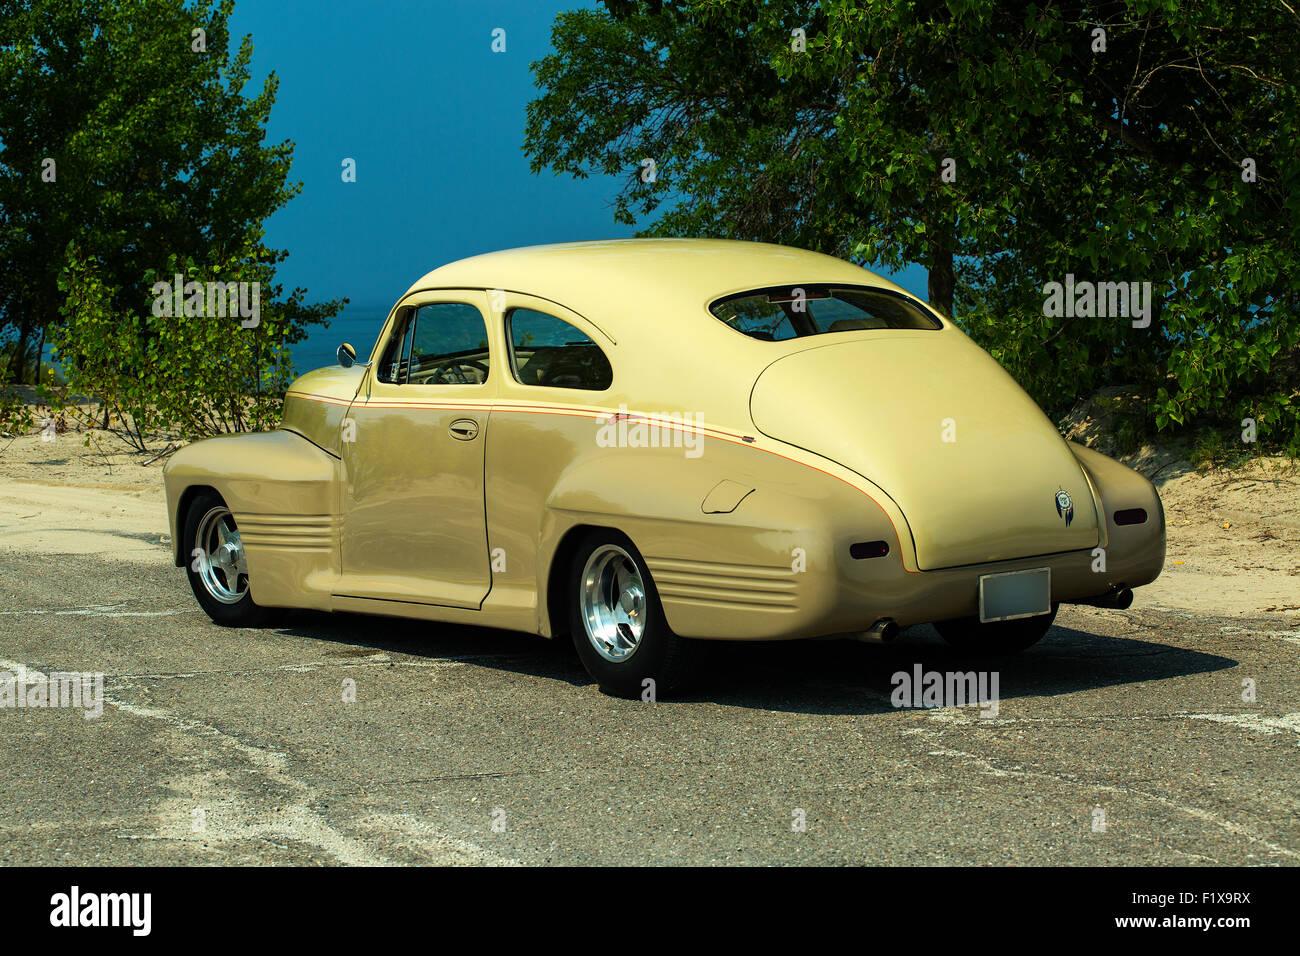 Pontiac Car Stock Photos Images Alamy 1941 Star Chief Custom Sedanette Image